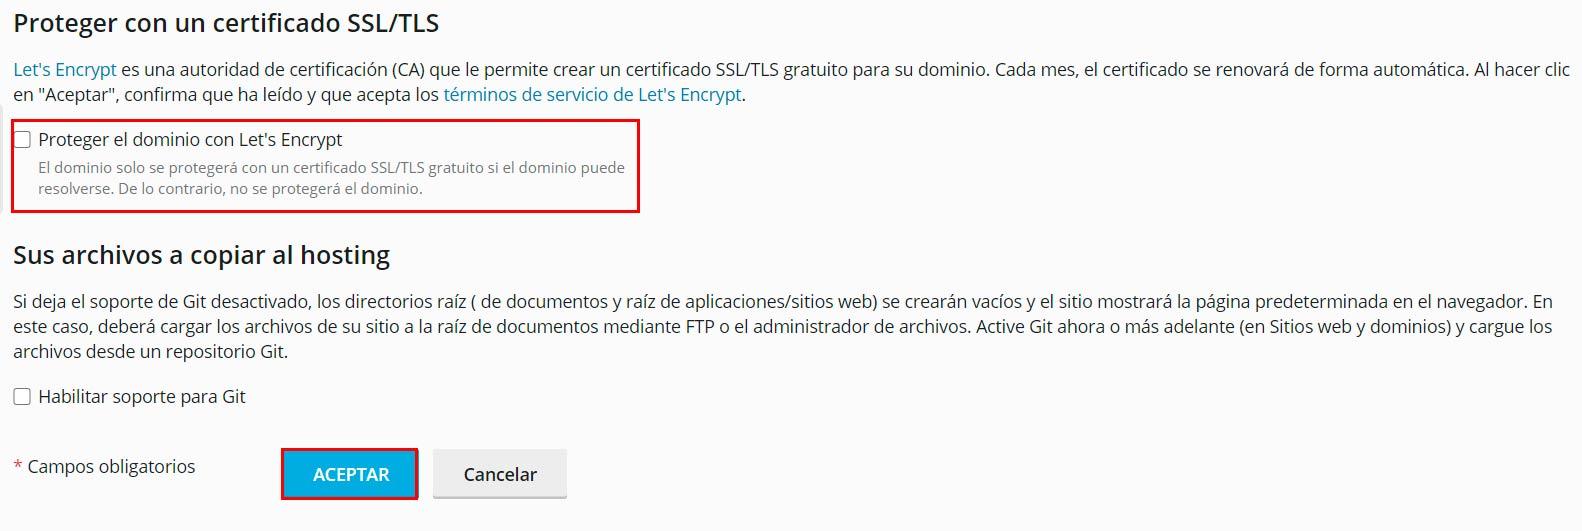 proteger certificado SSL/TLS